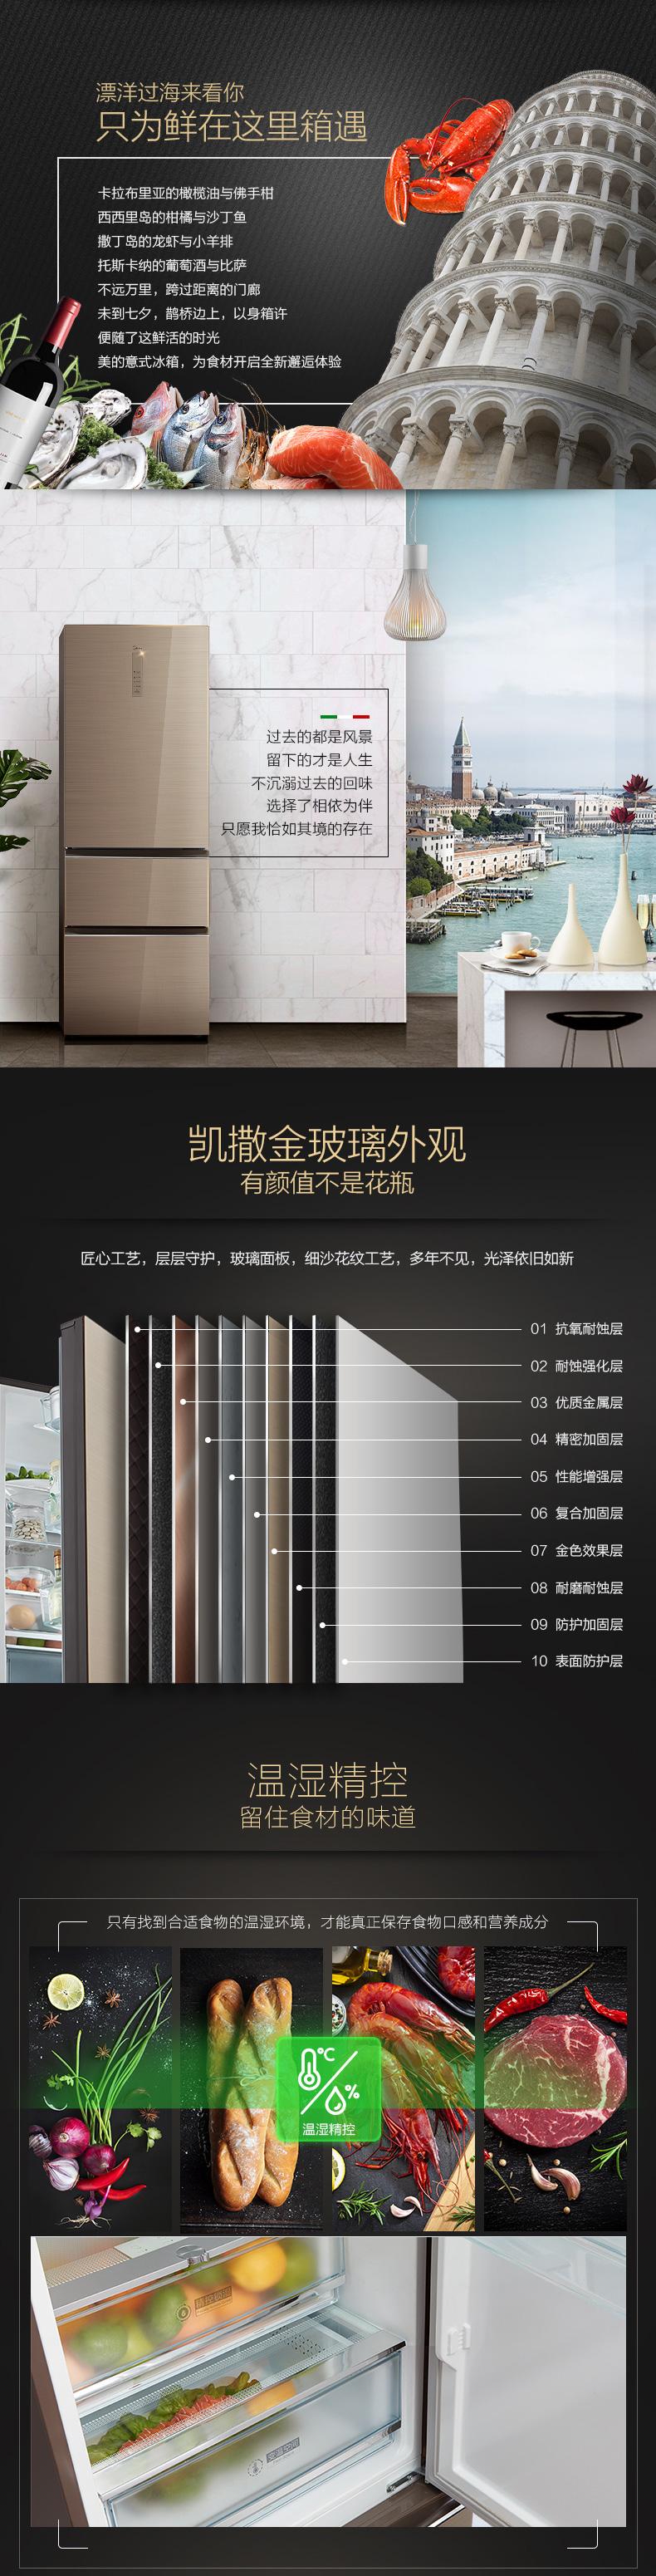 【苏宁专供】美的冰箱BCD-326WGPZM凯撒金